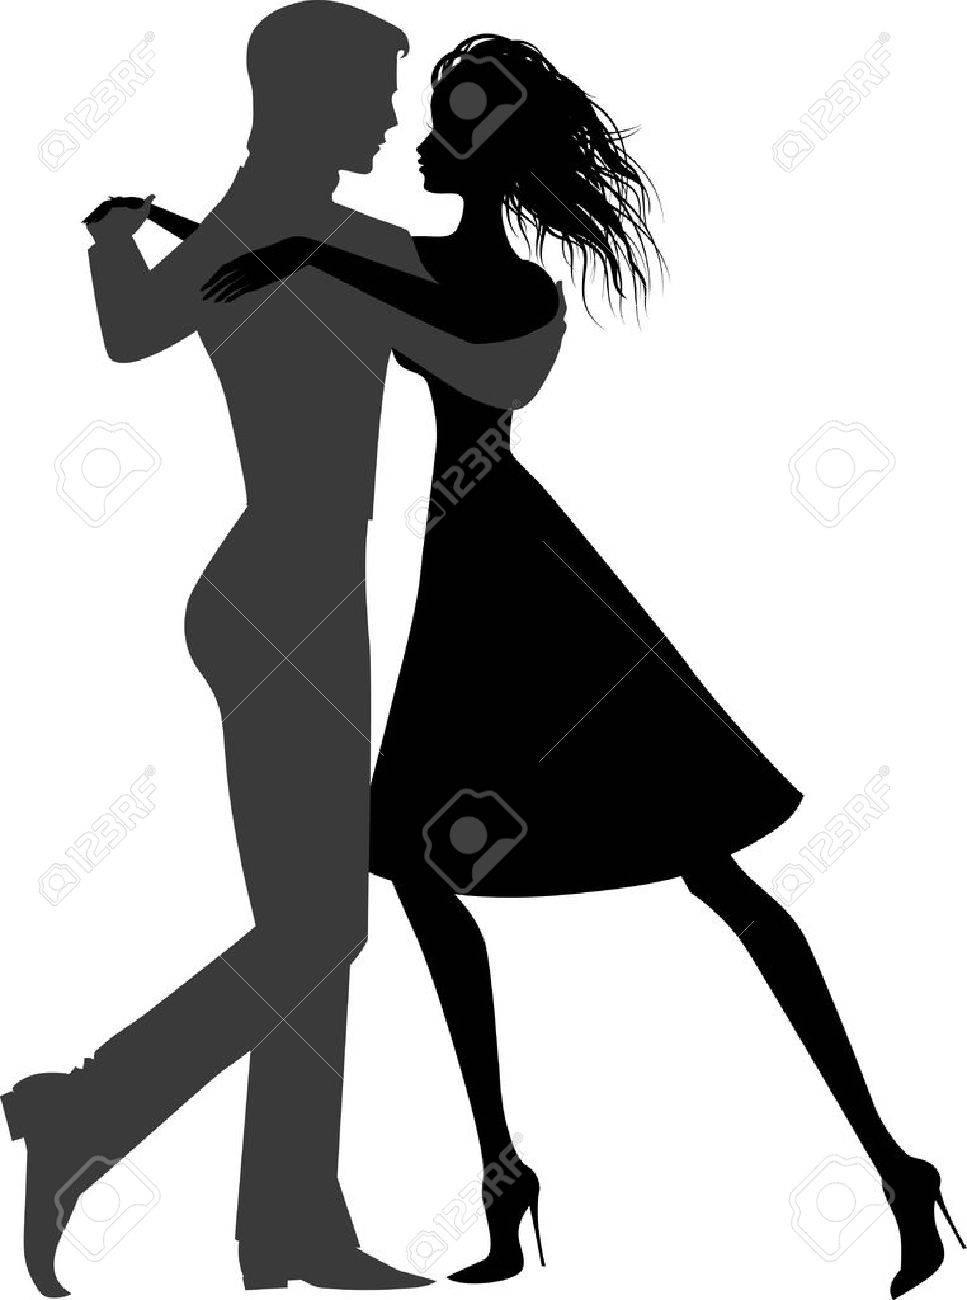 ダンス カップル シルエット イラスト ロイヤリティフリークリップ